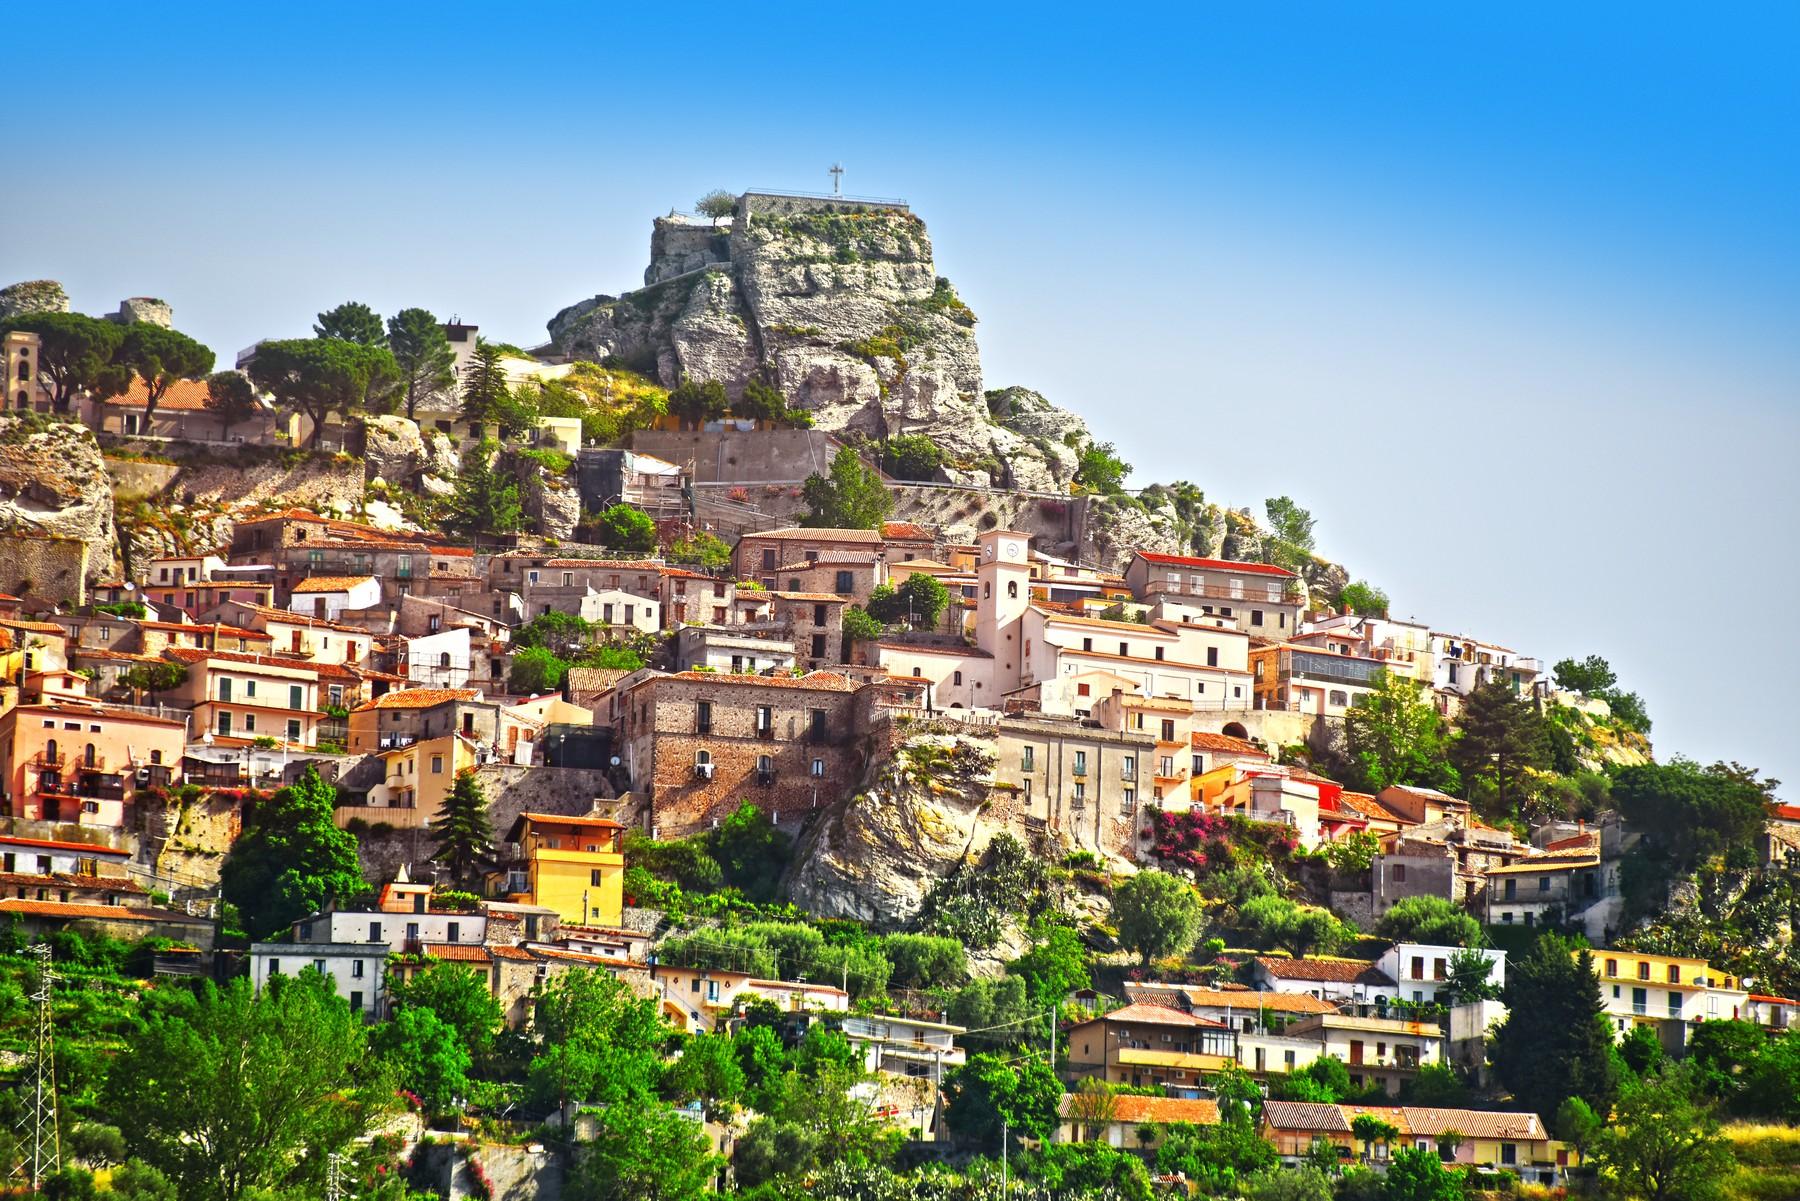 Bova, Calabria, Italija